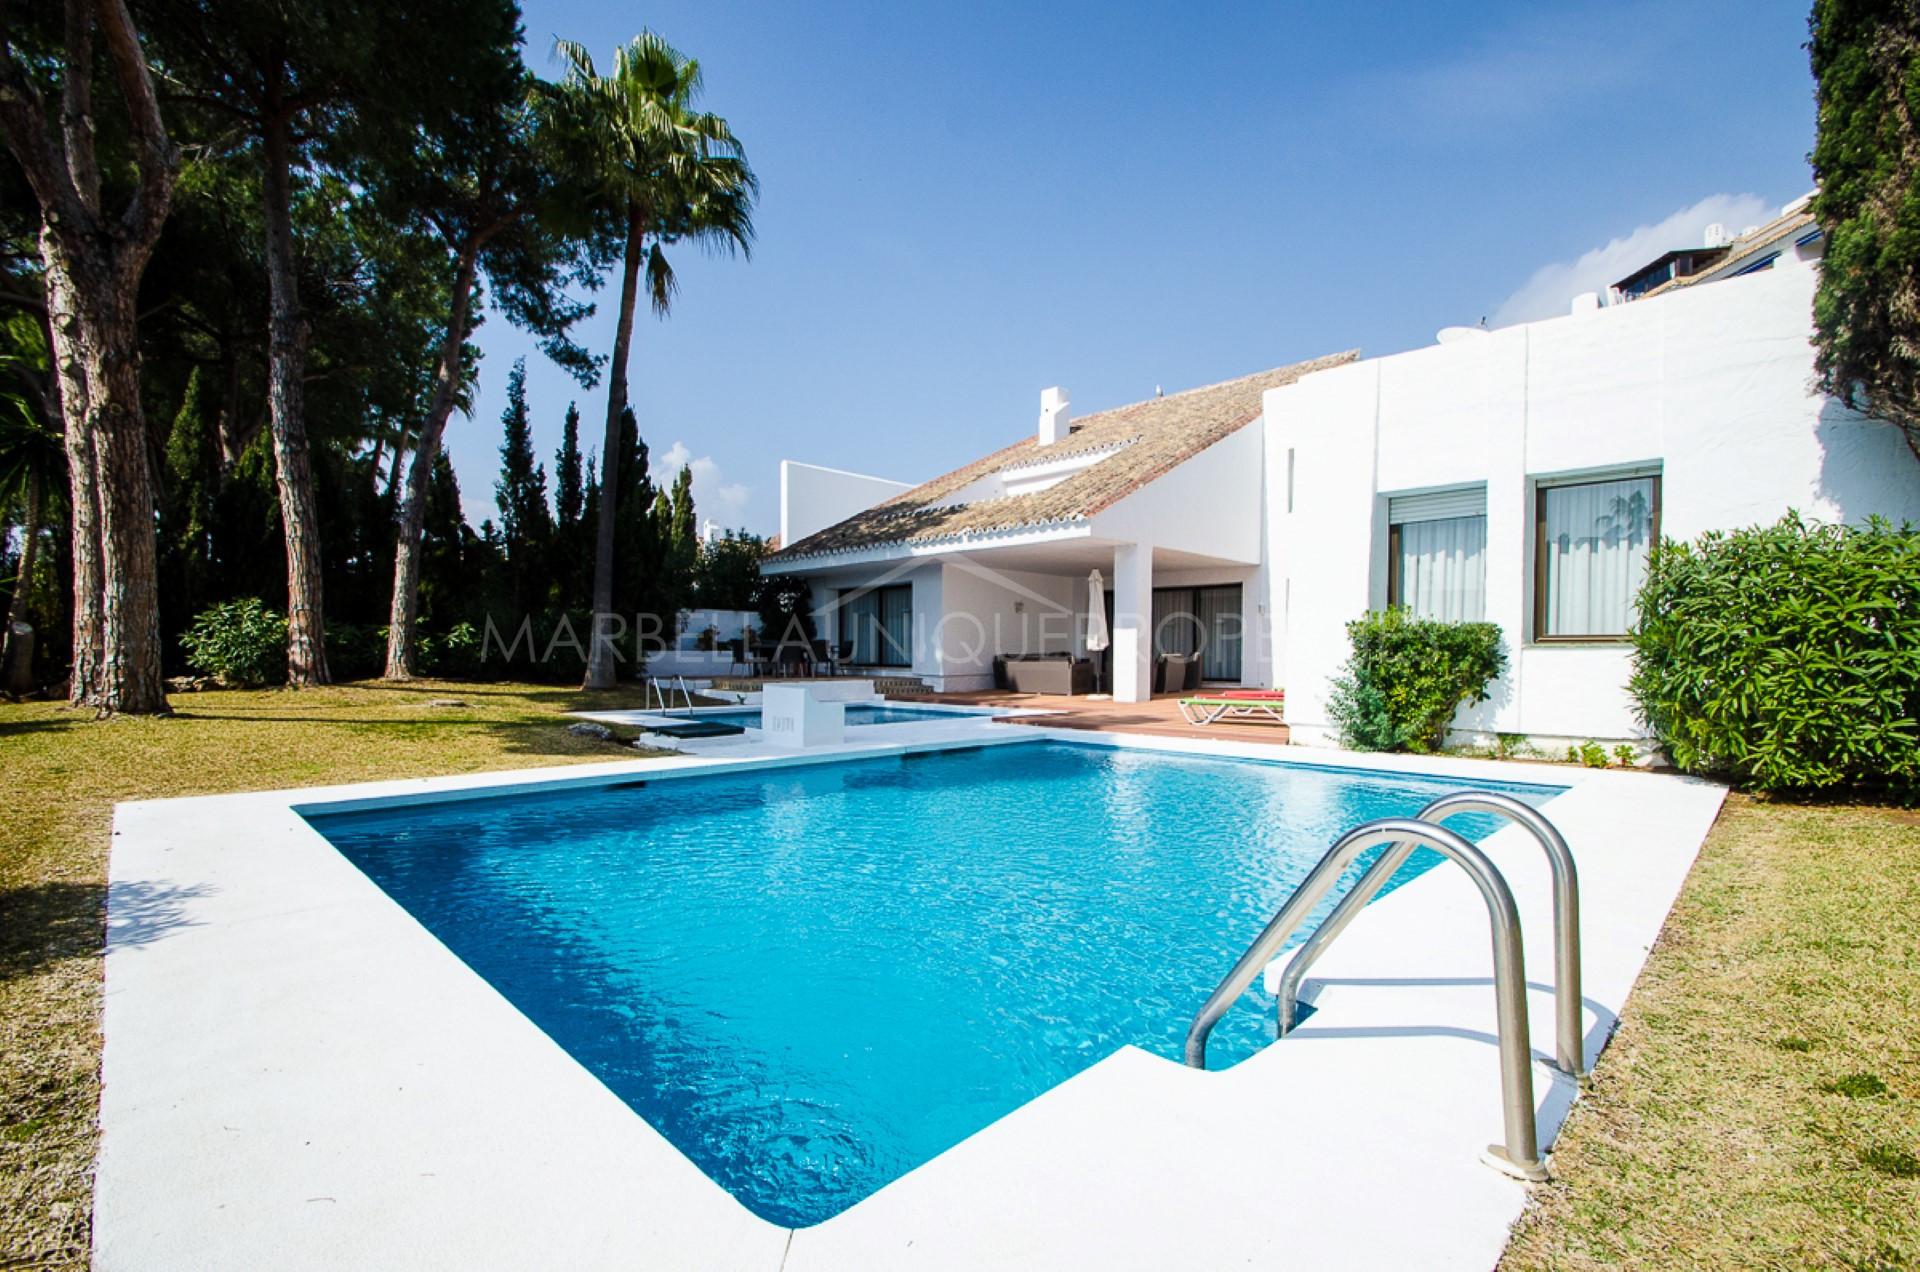 Villas en alquiler corta temporada en marbella puerto banus - Alquiler vacacional en marbella ...